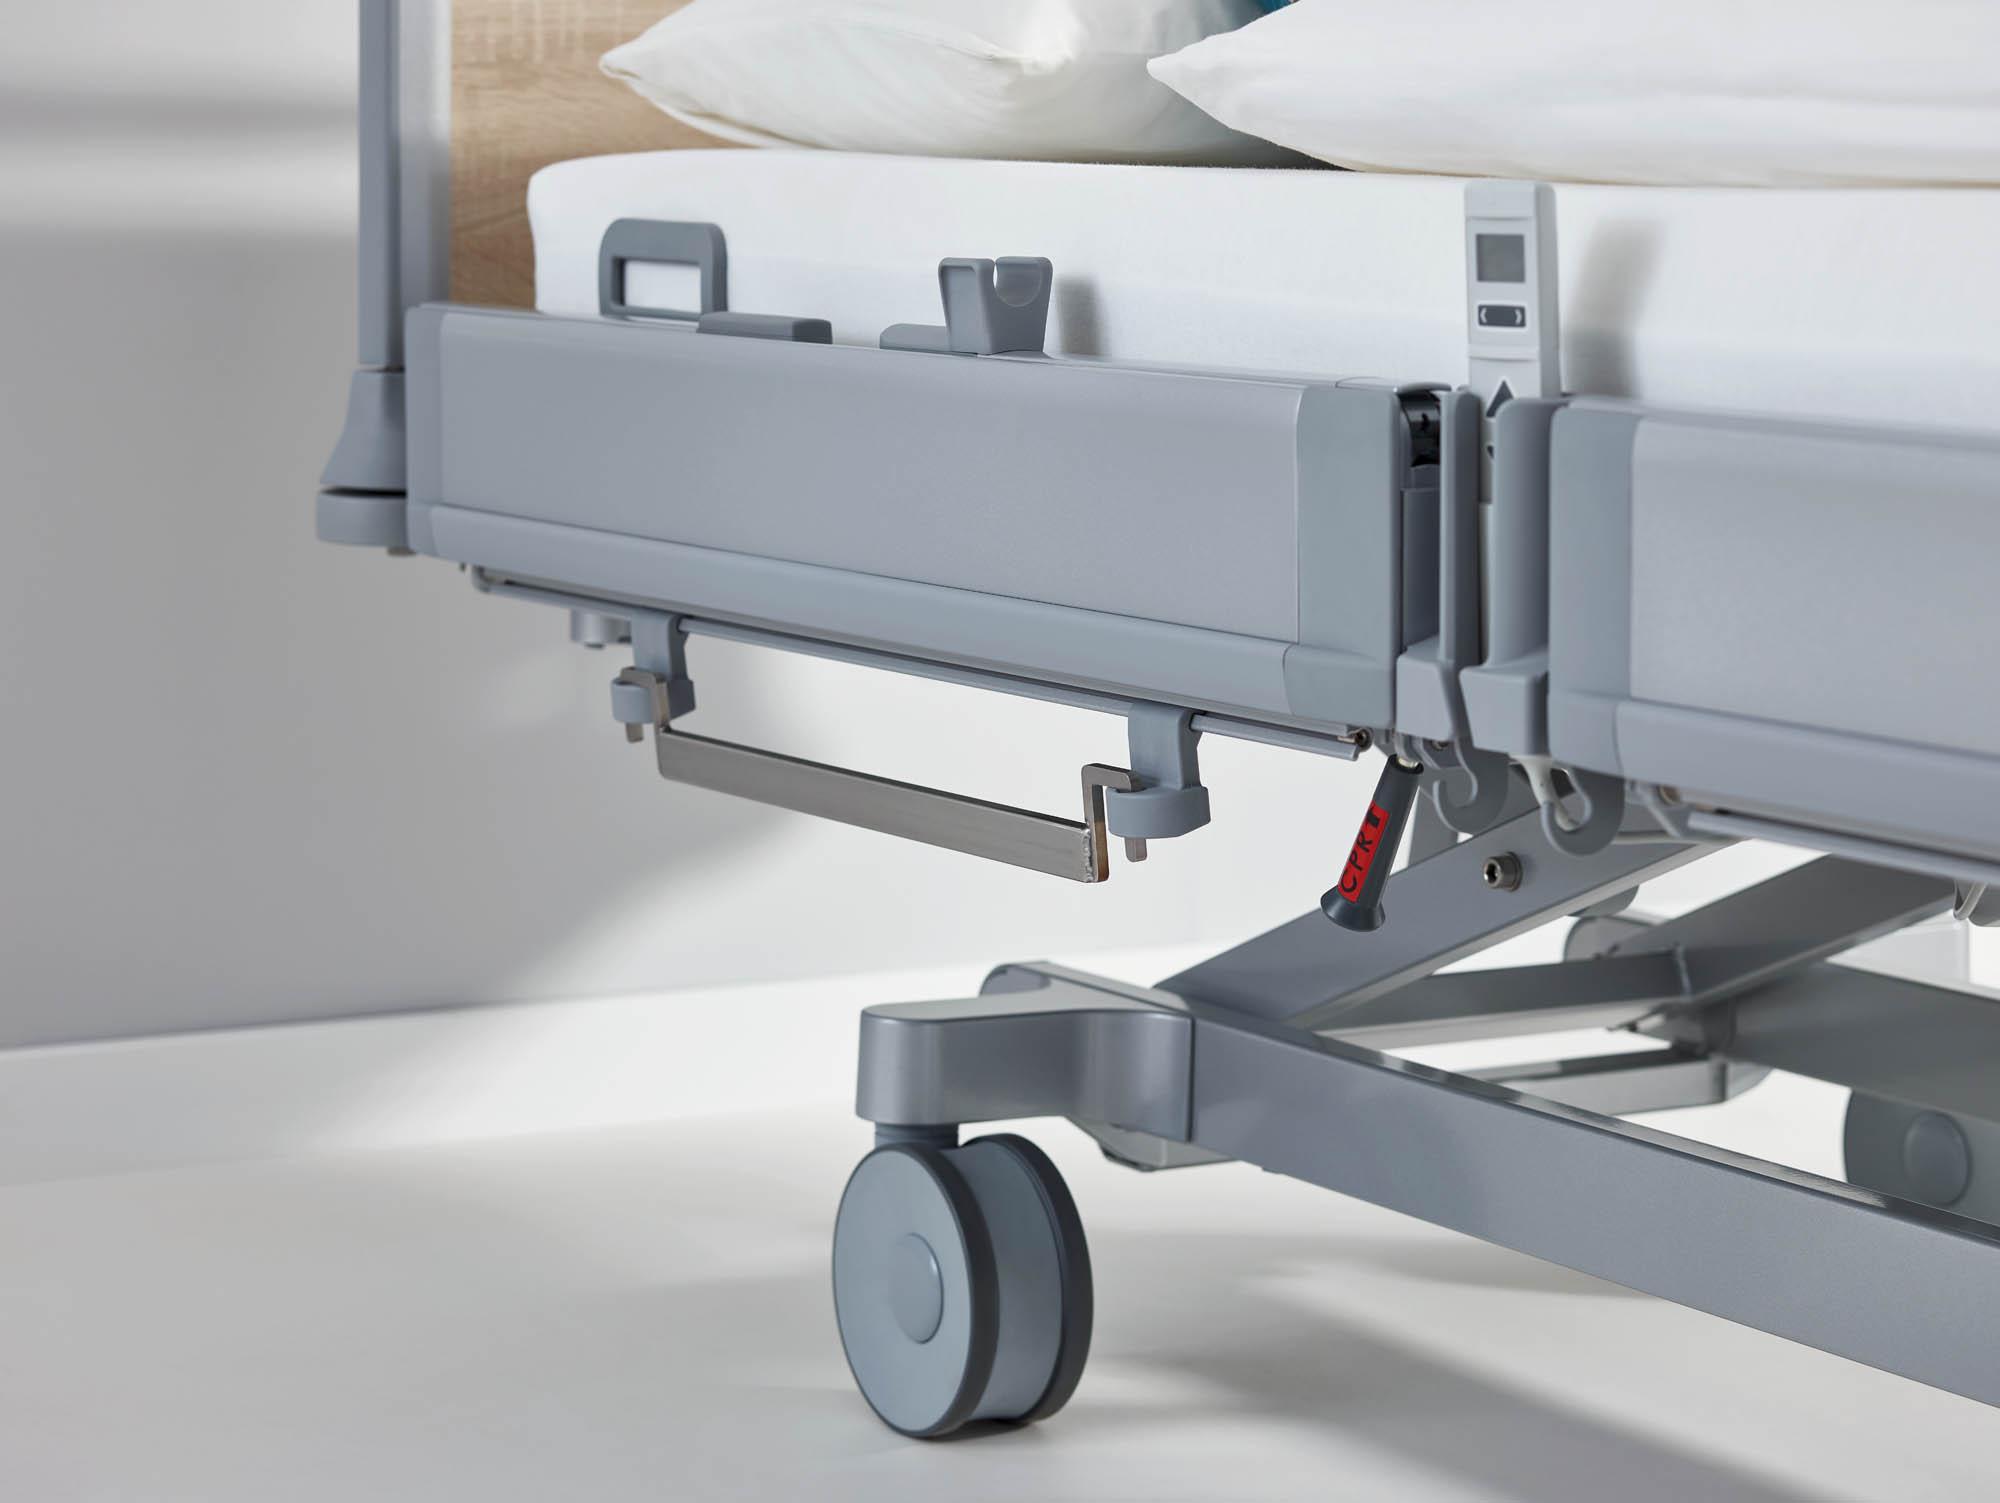 Die einhängbare Edelstahl-Normschiene ist eine praktische Lösung für die Anbringung von Intensivpflege-Equipment an Universalbetten.